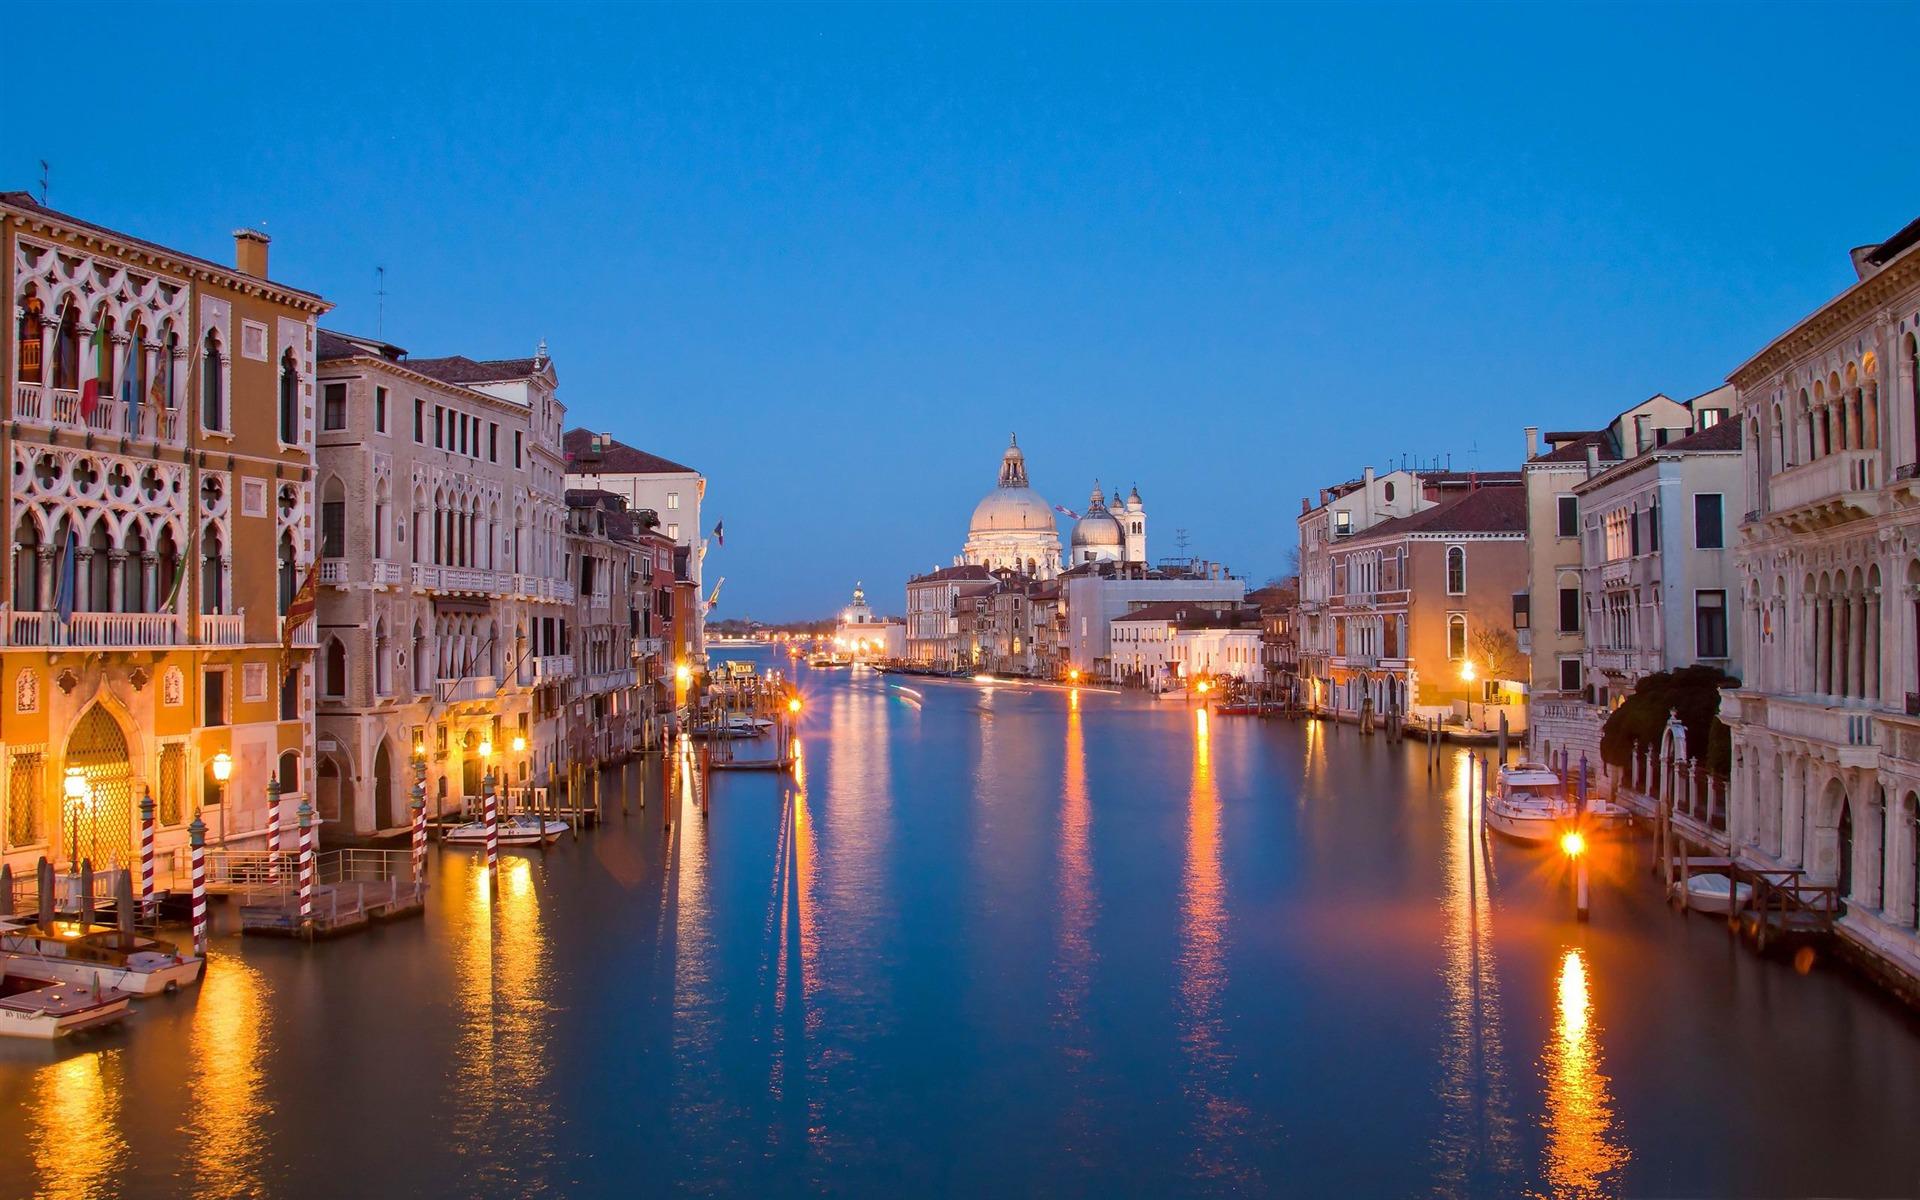 italy city venice image